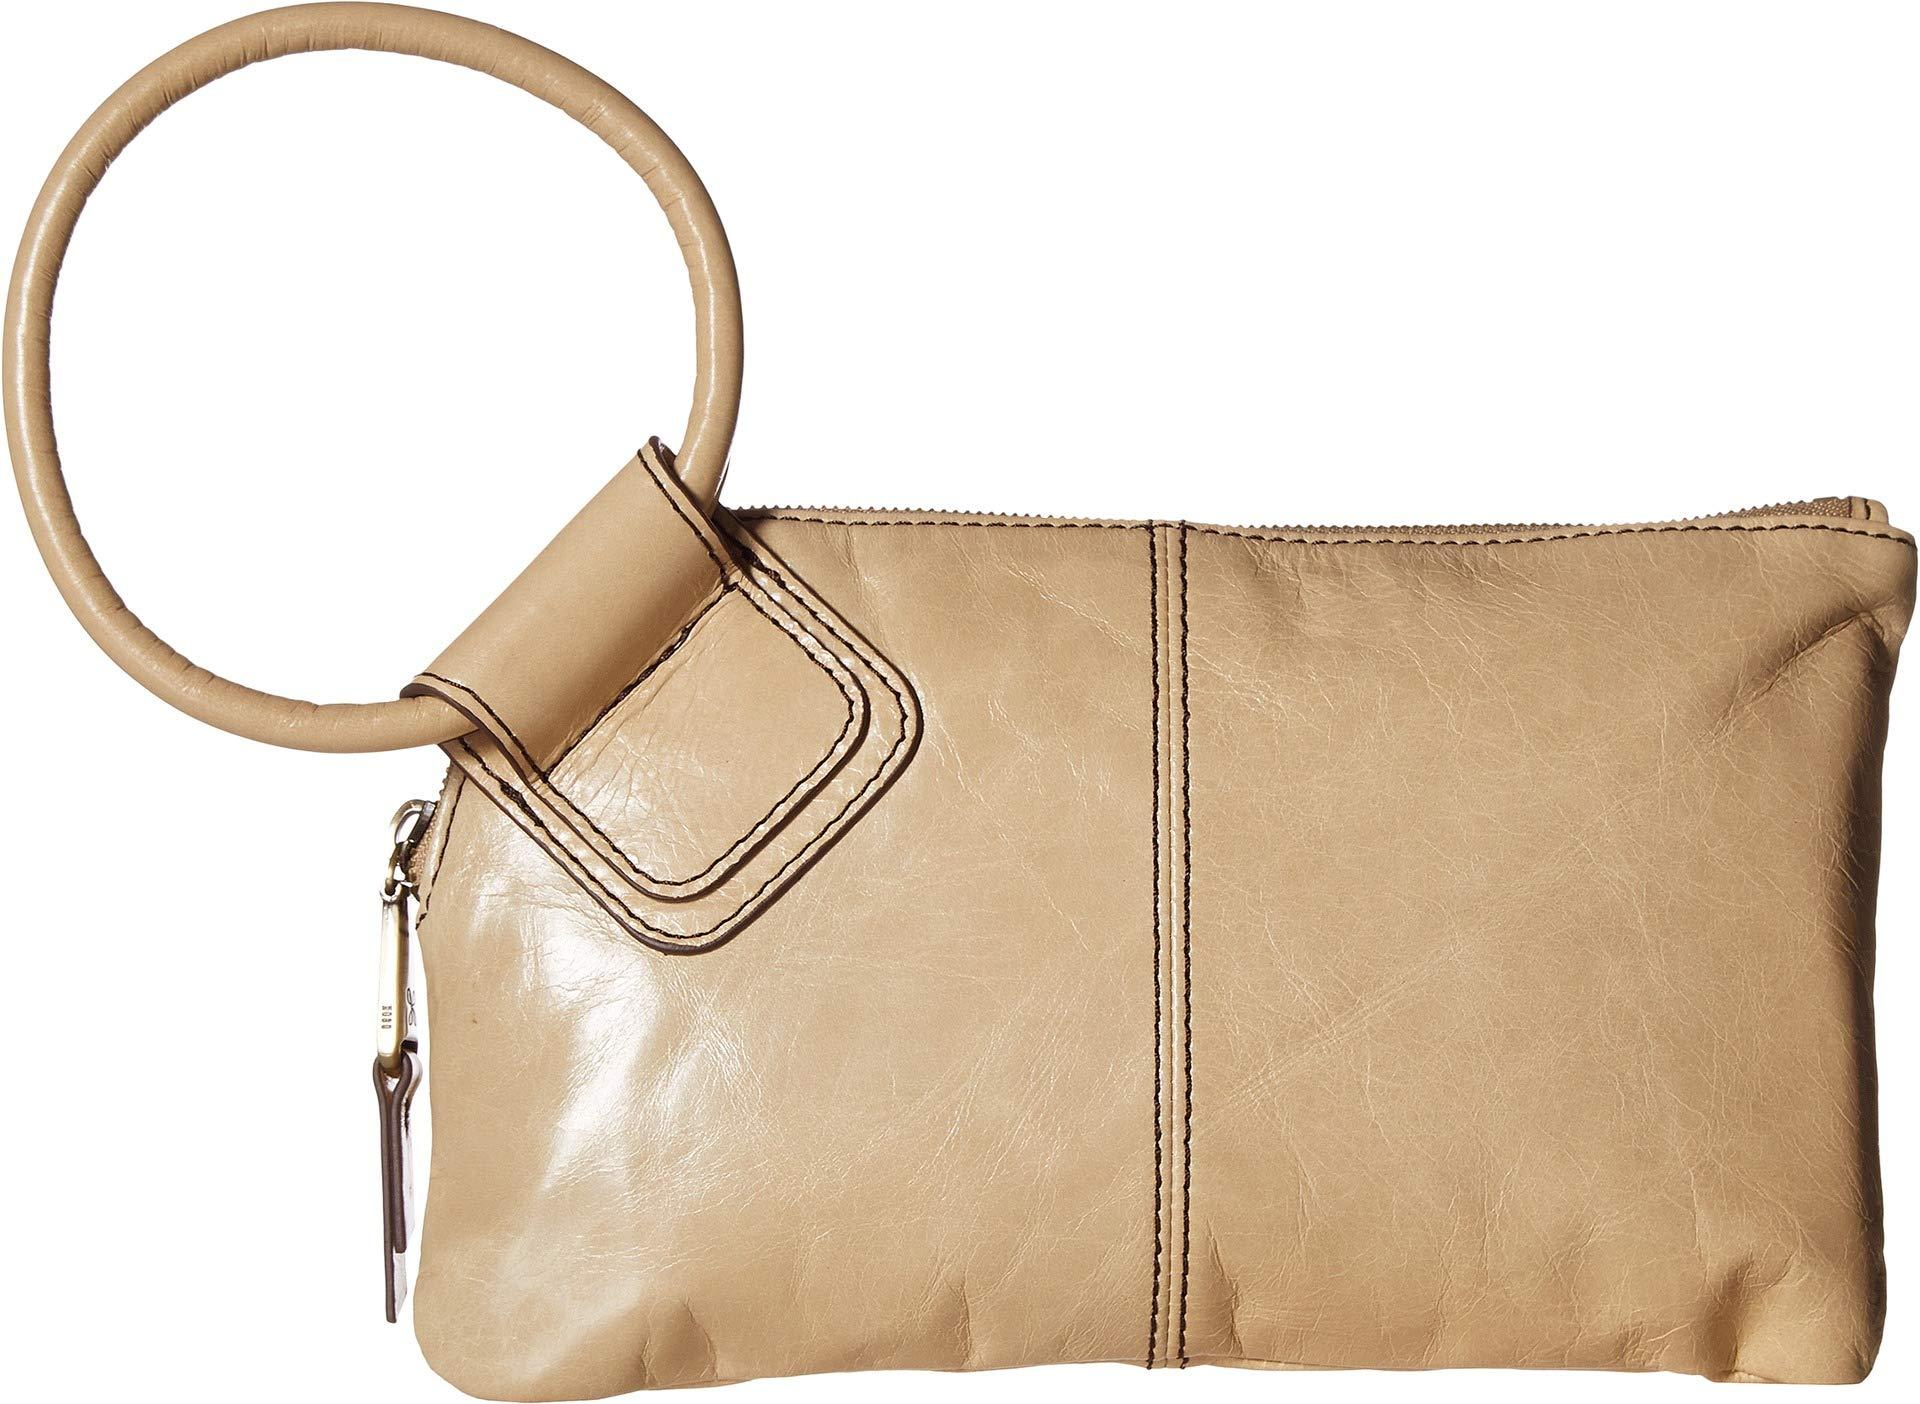 Hobo Women's Leather Sable Wristlet Clutch Wallet (Parchment)